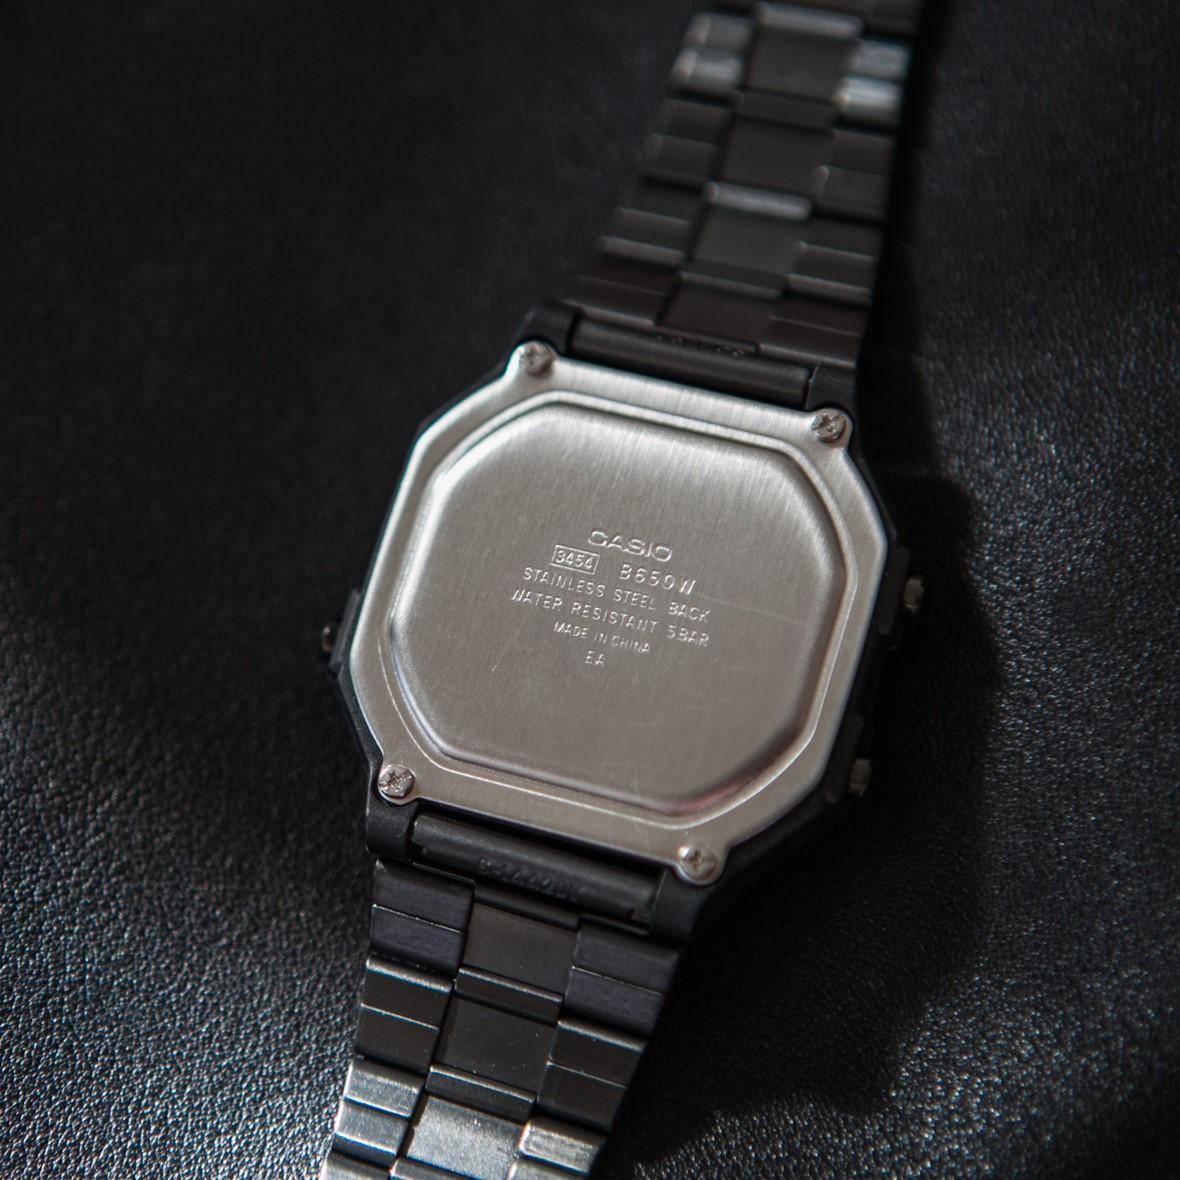 B650WB 1B 正品卡西欧 豆芽同款复古方形男士多功能电子手表女 CASIO